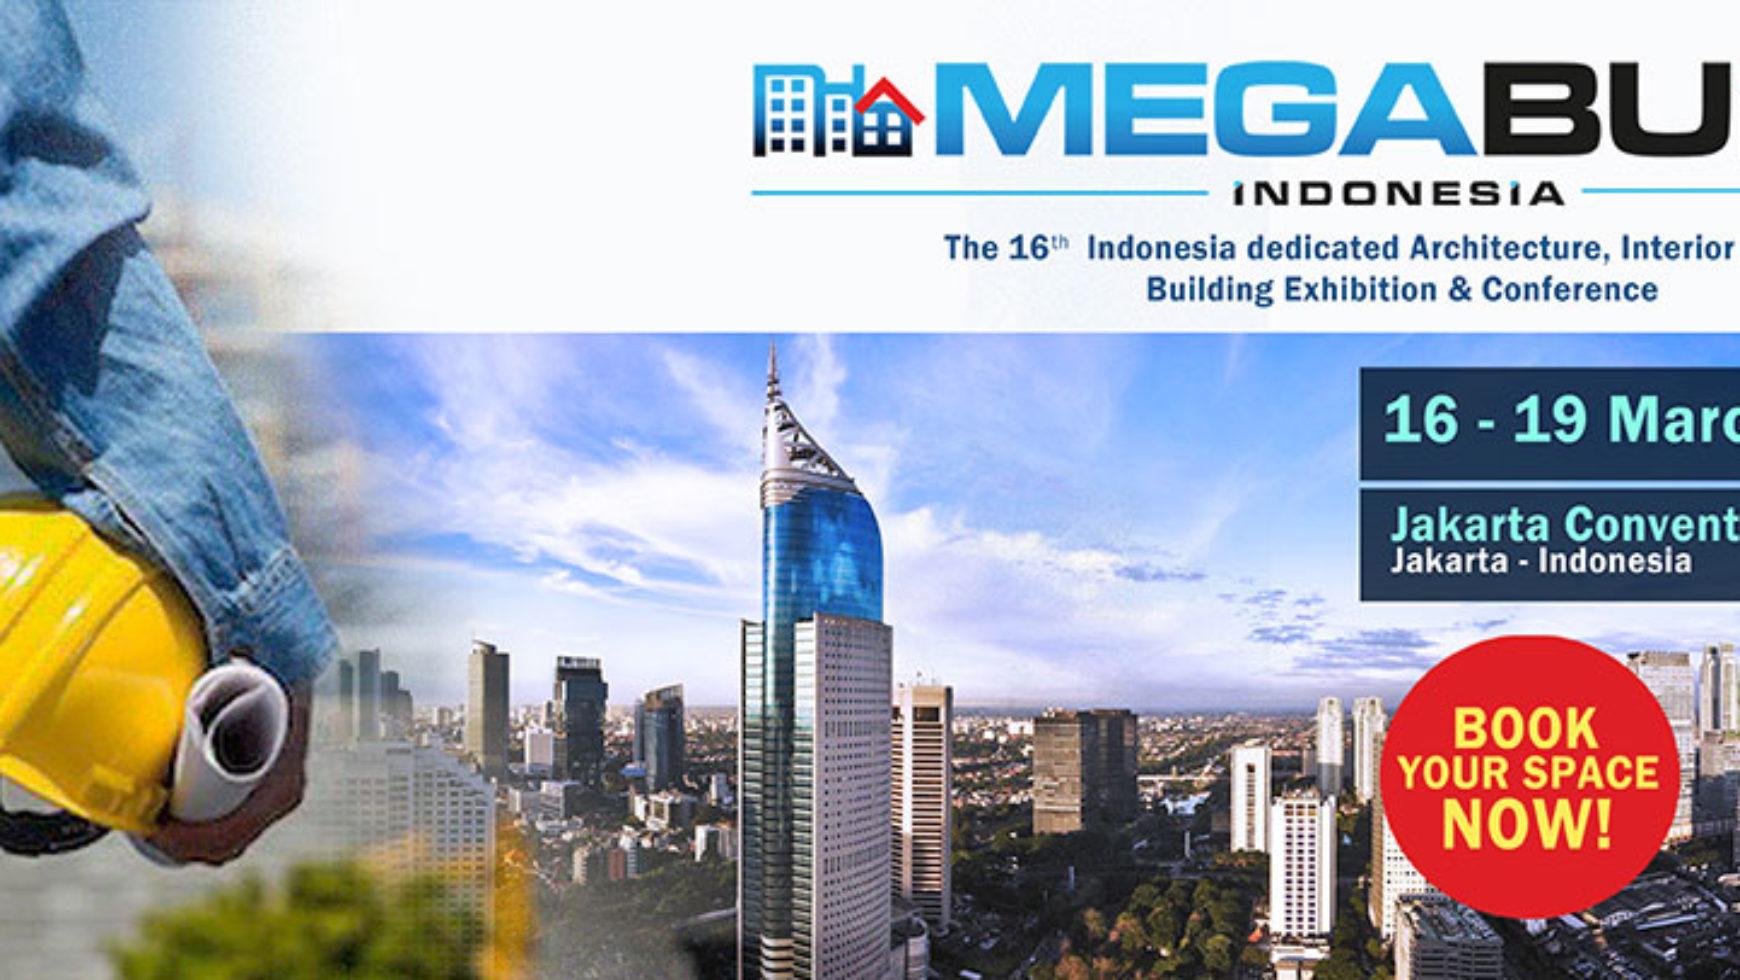 MEGABUILD INDONESIA EXPO MARET 2017